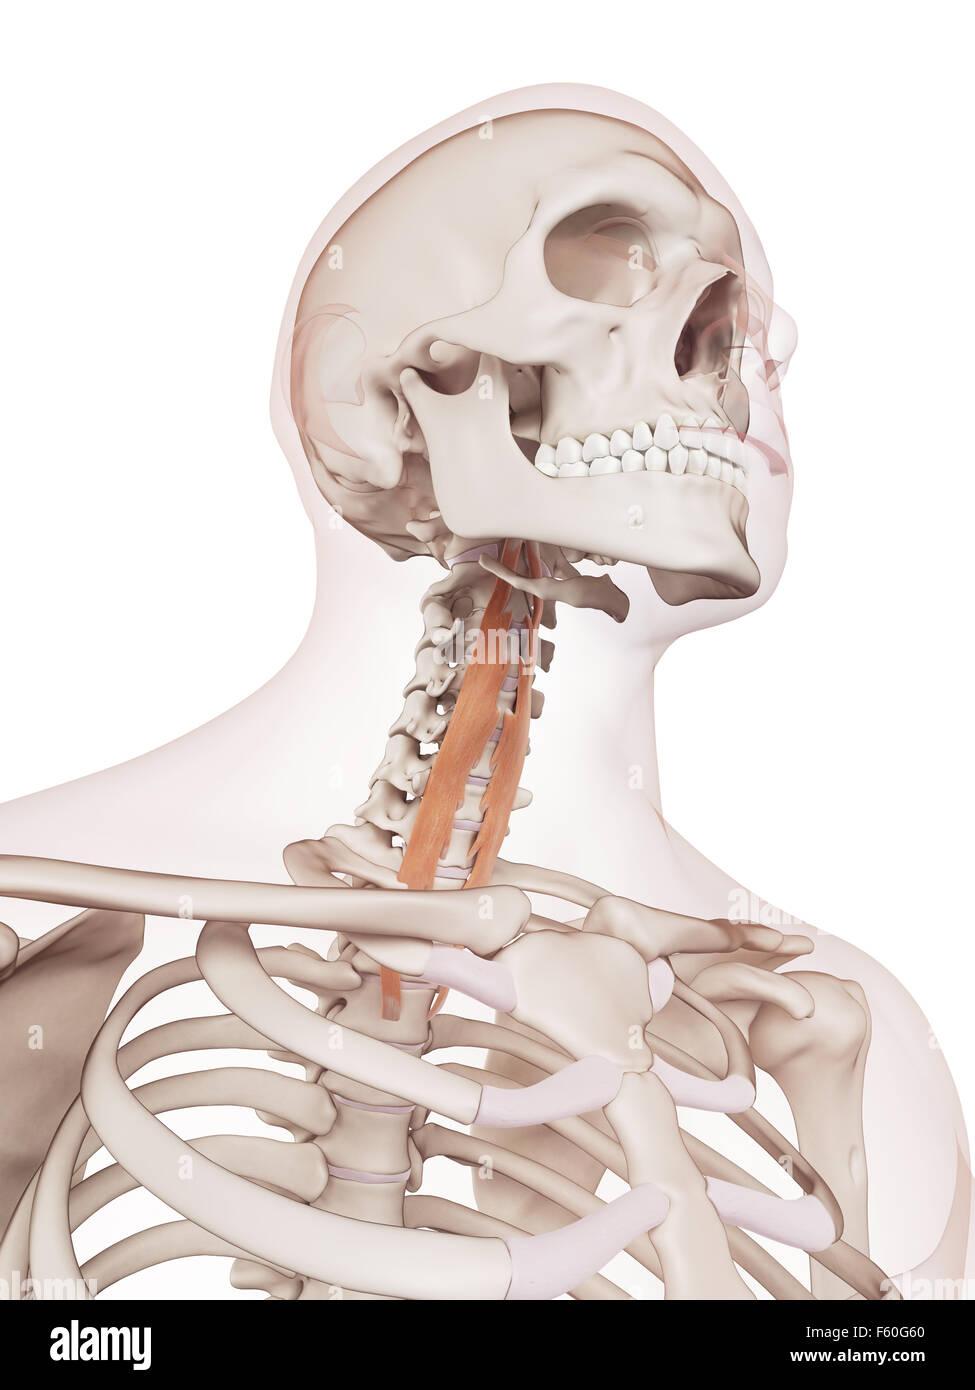 Fantastisch Querfort Ideen - Anatomie Von Menschlichen Körperbildern ...